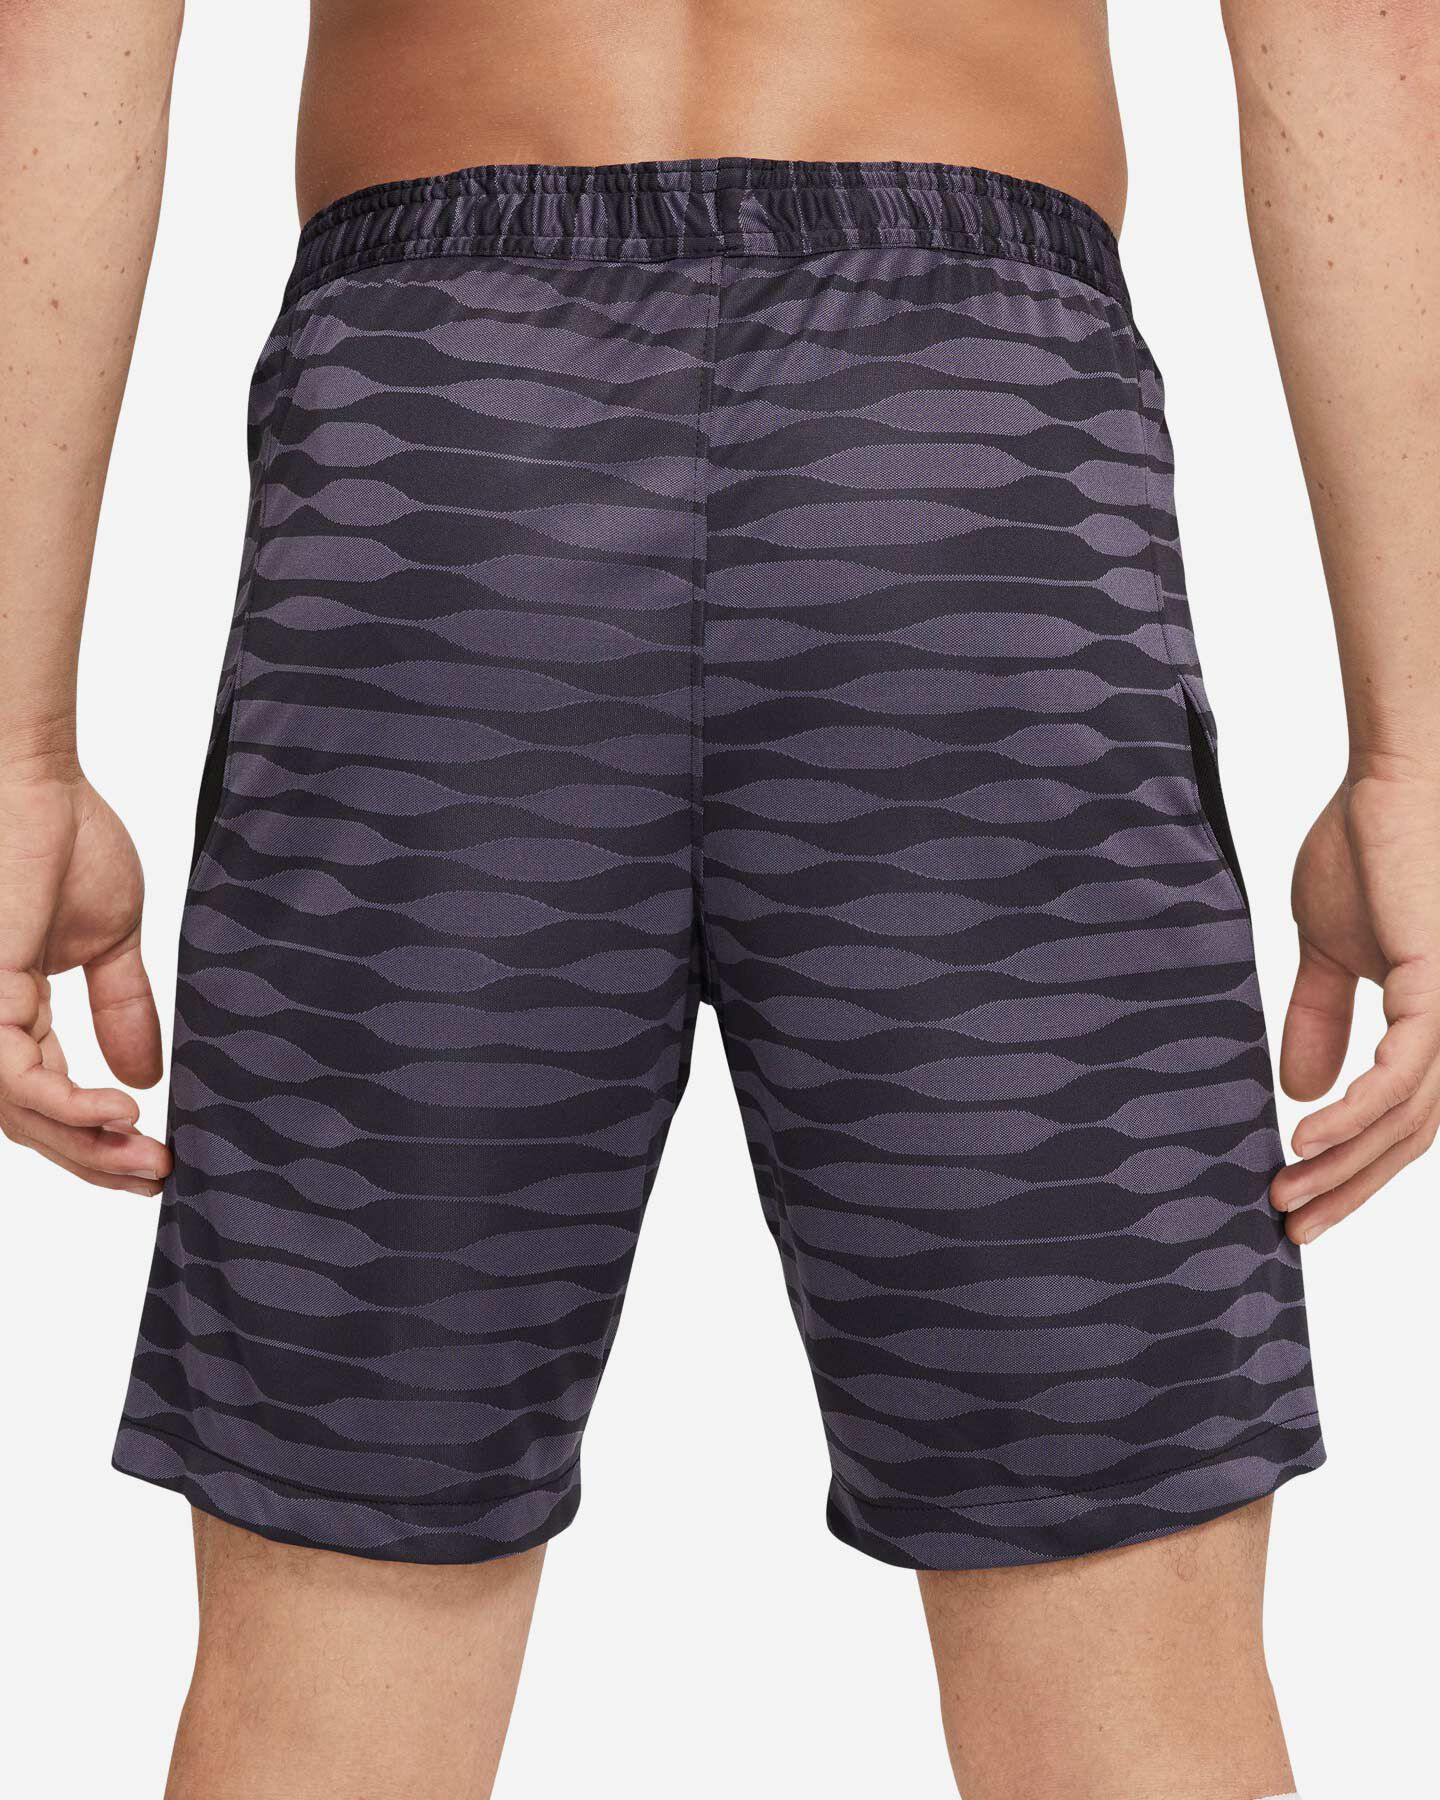 Pantaloncini calcio NIKE DRY STRKE21 M S5269253 scatto 1